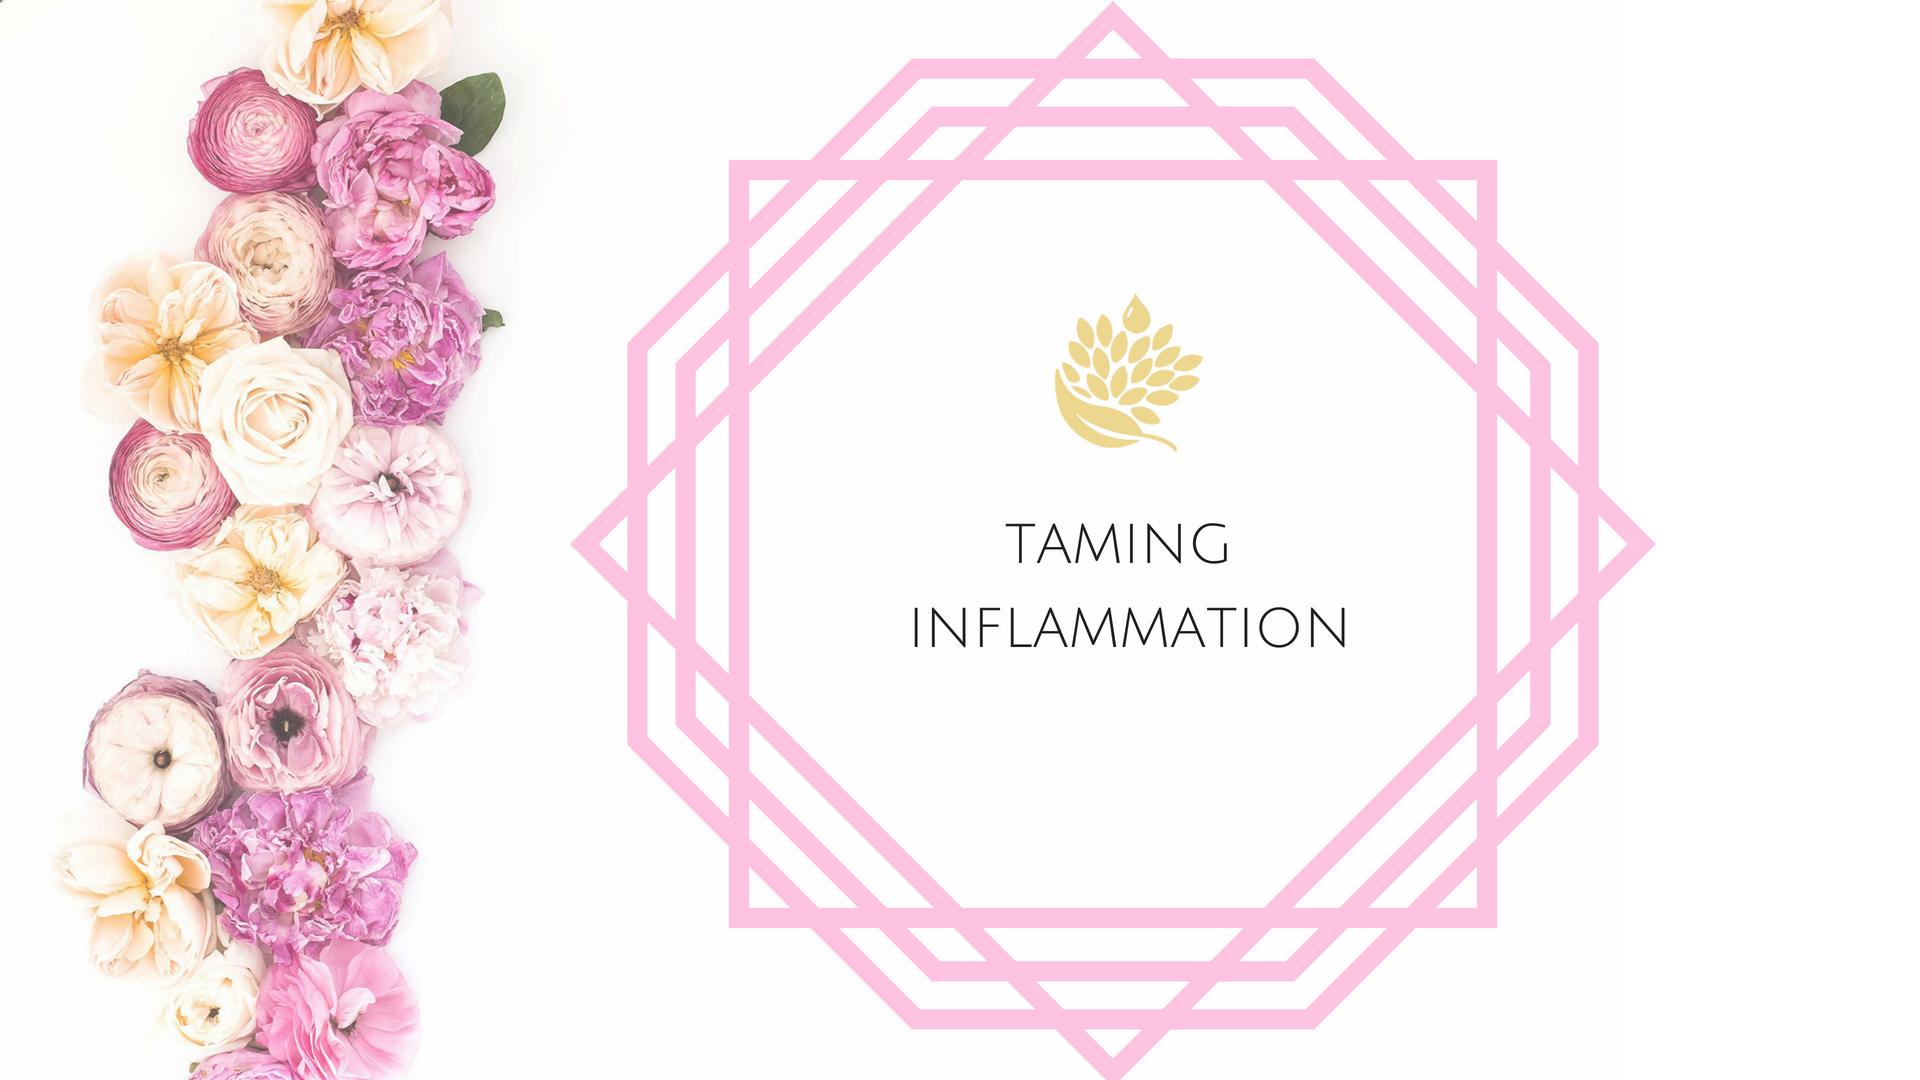 Taming Inflammation